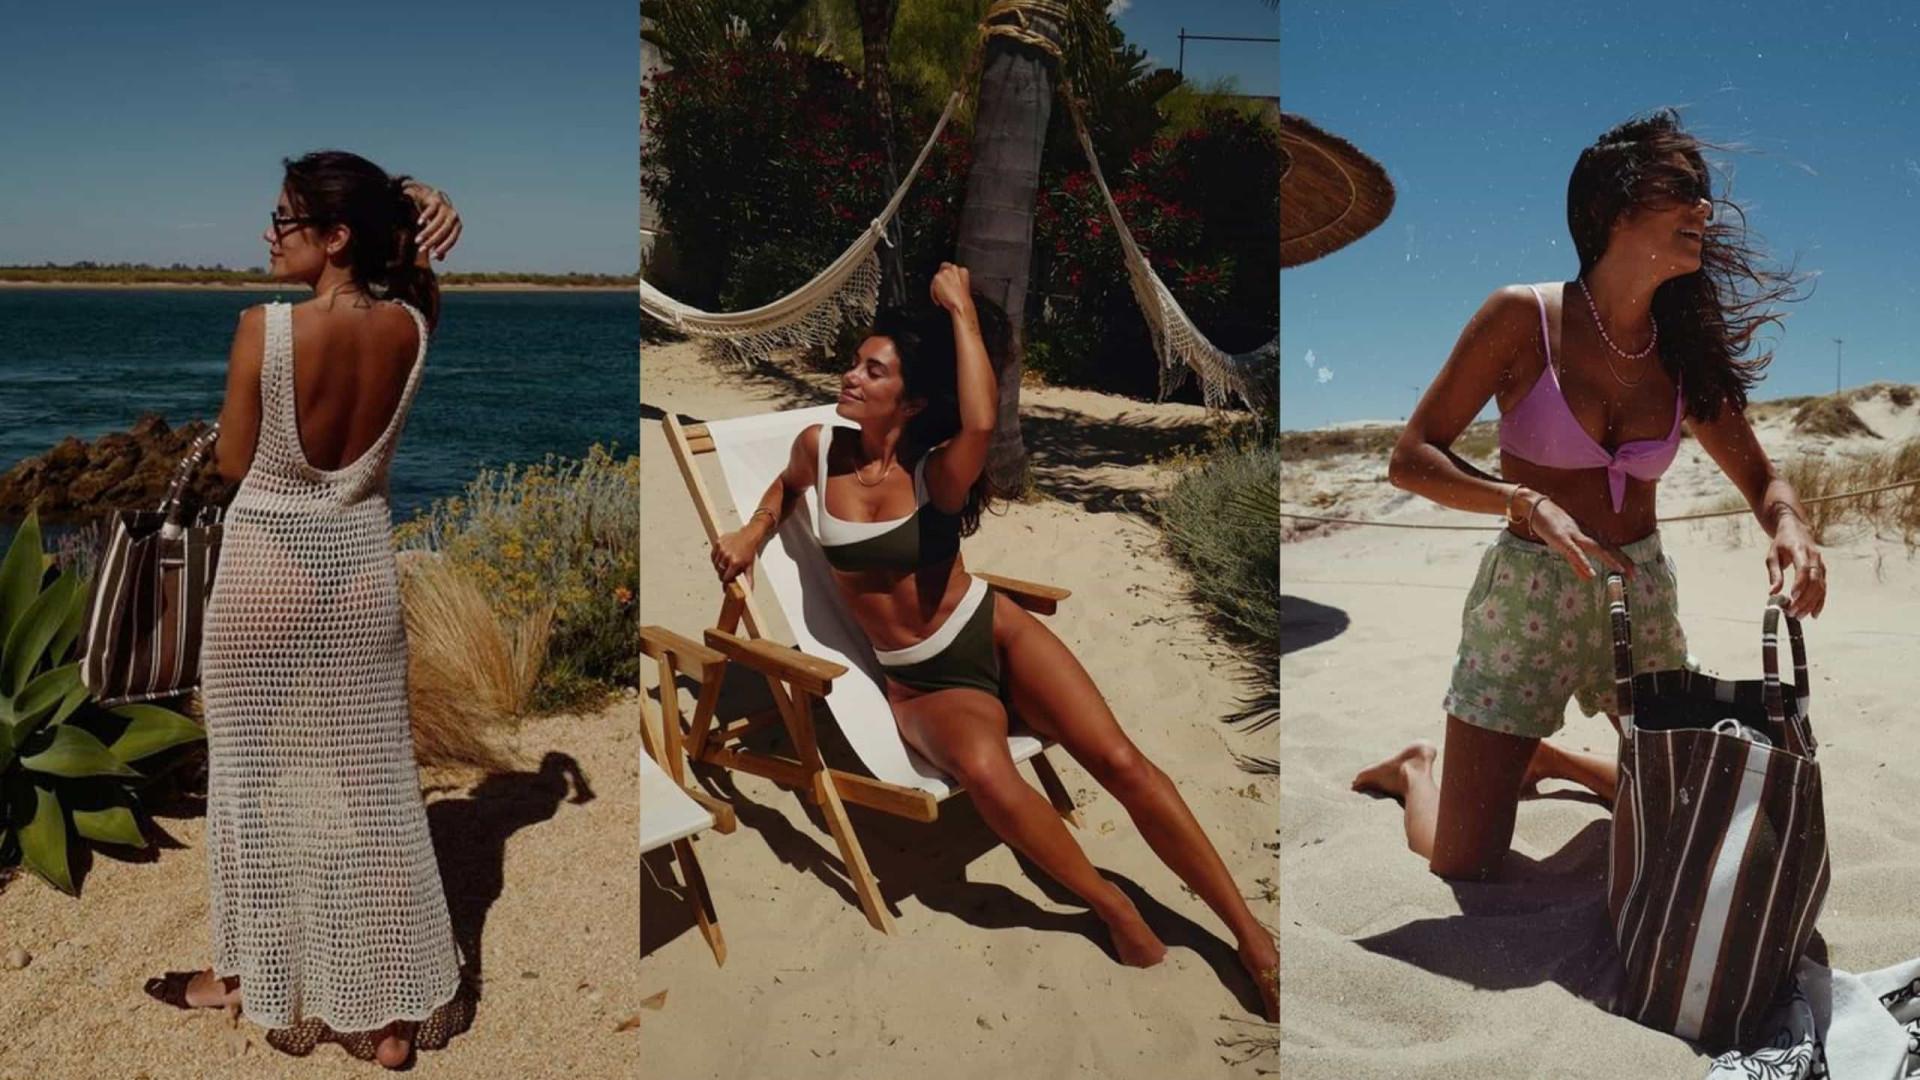 Conforto e elegância. Os visuais de praia usados por Mia Rose